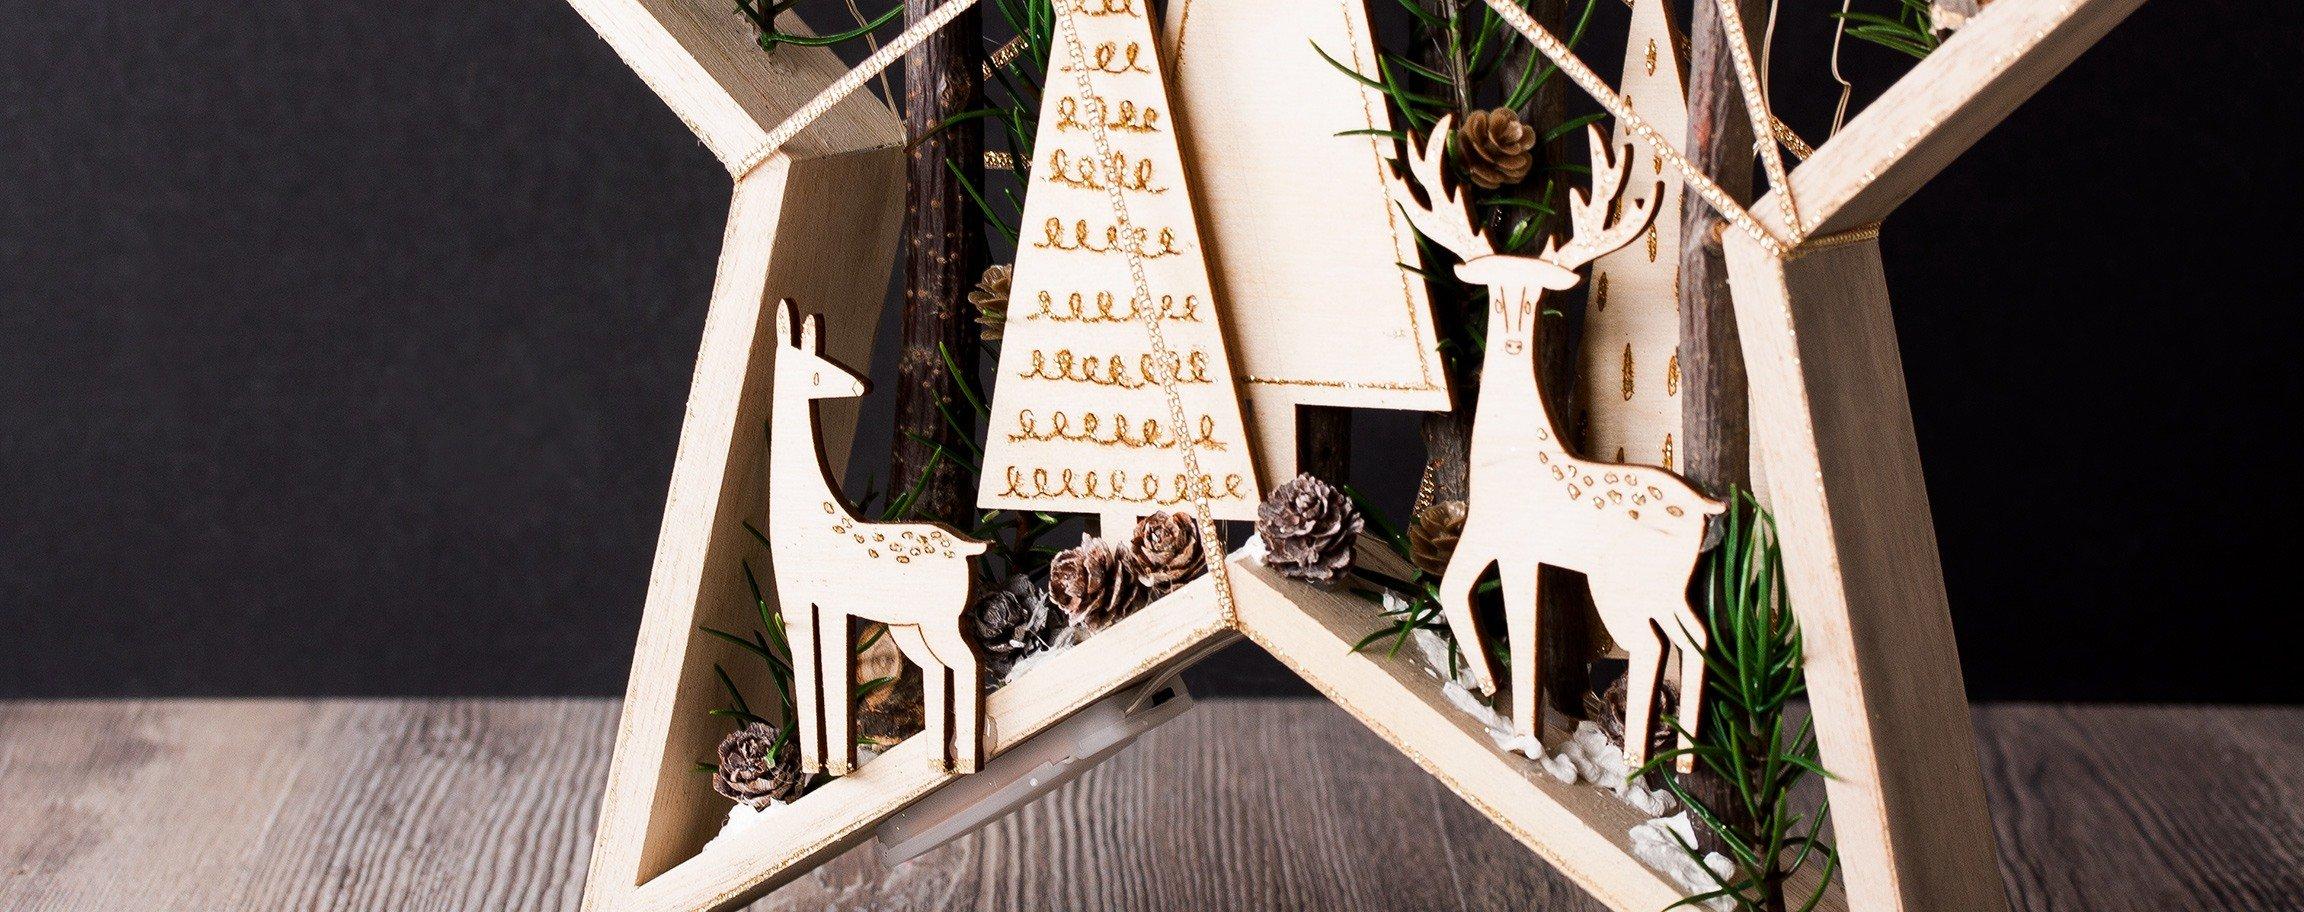 Großer Weihnachts-Holz-Stern